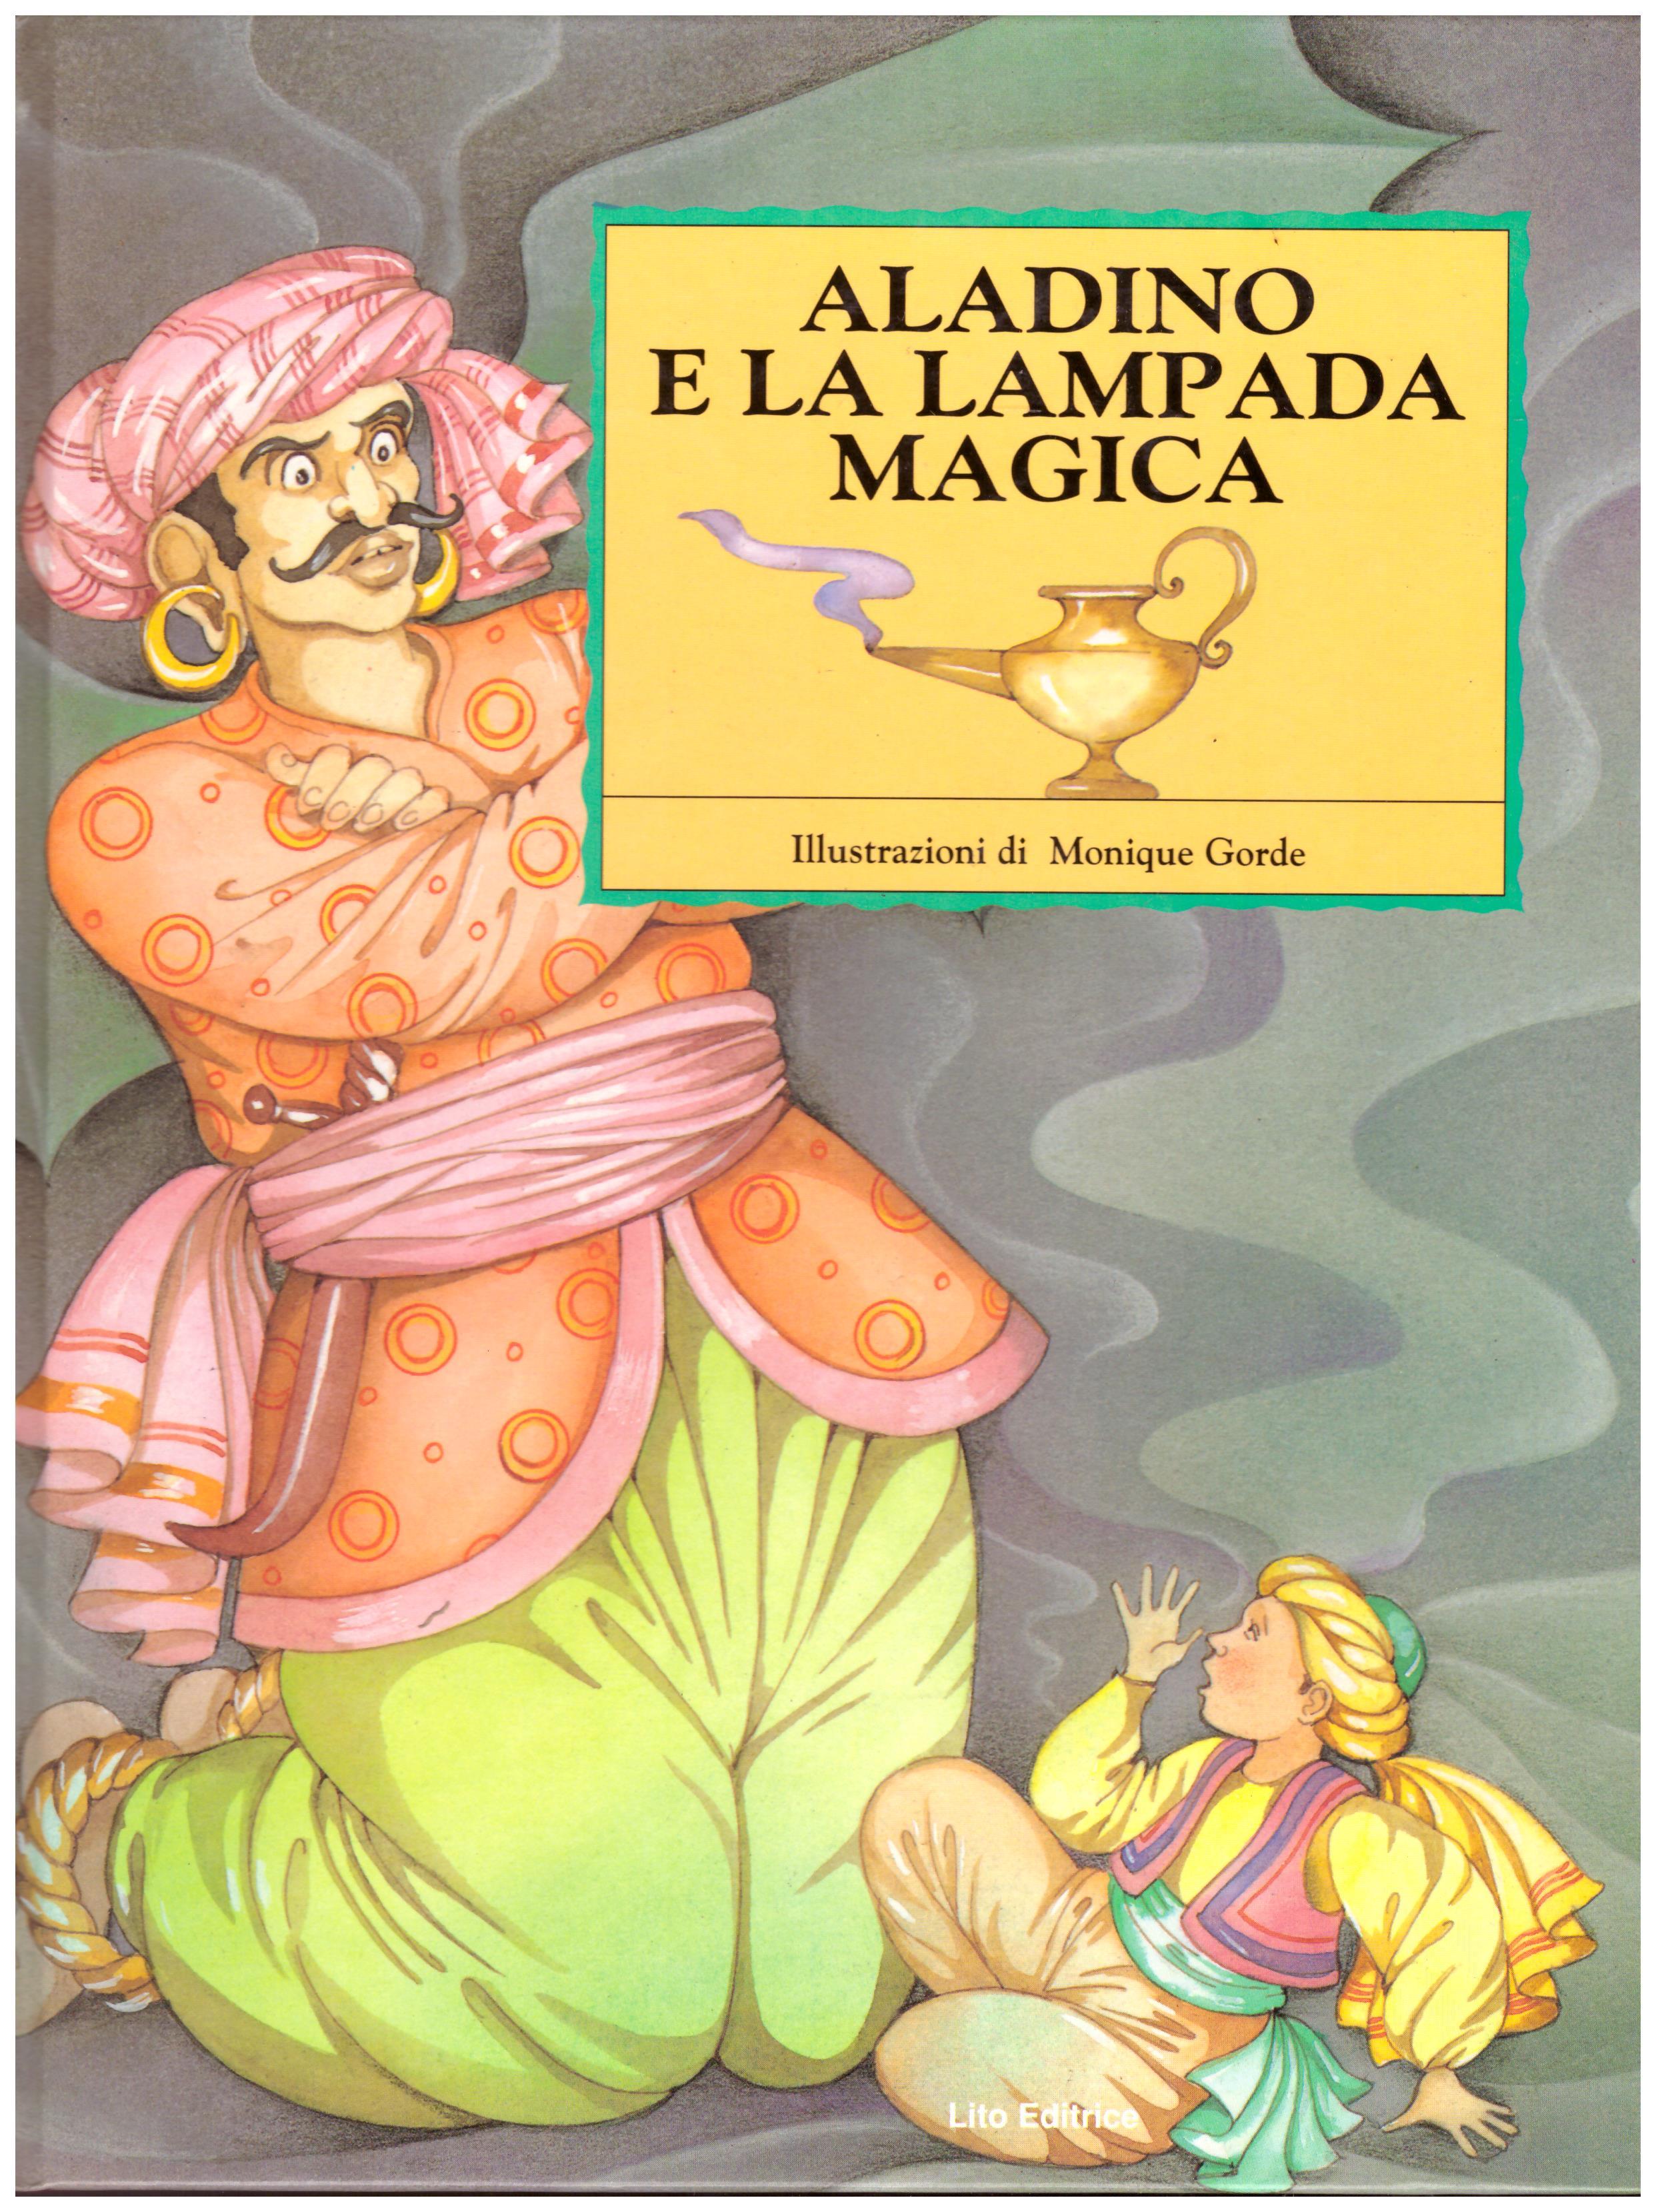 Titolo: Aladino e la lampada magica     Autore: AA.VV.     Editore: Lito editrice